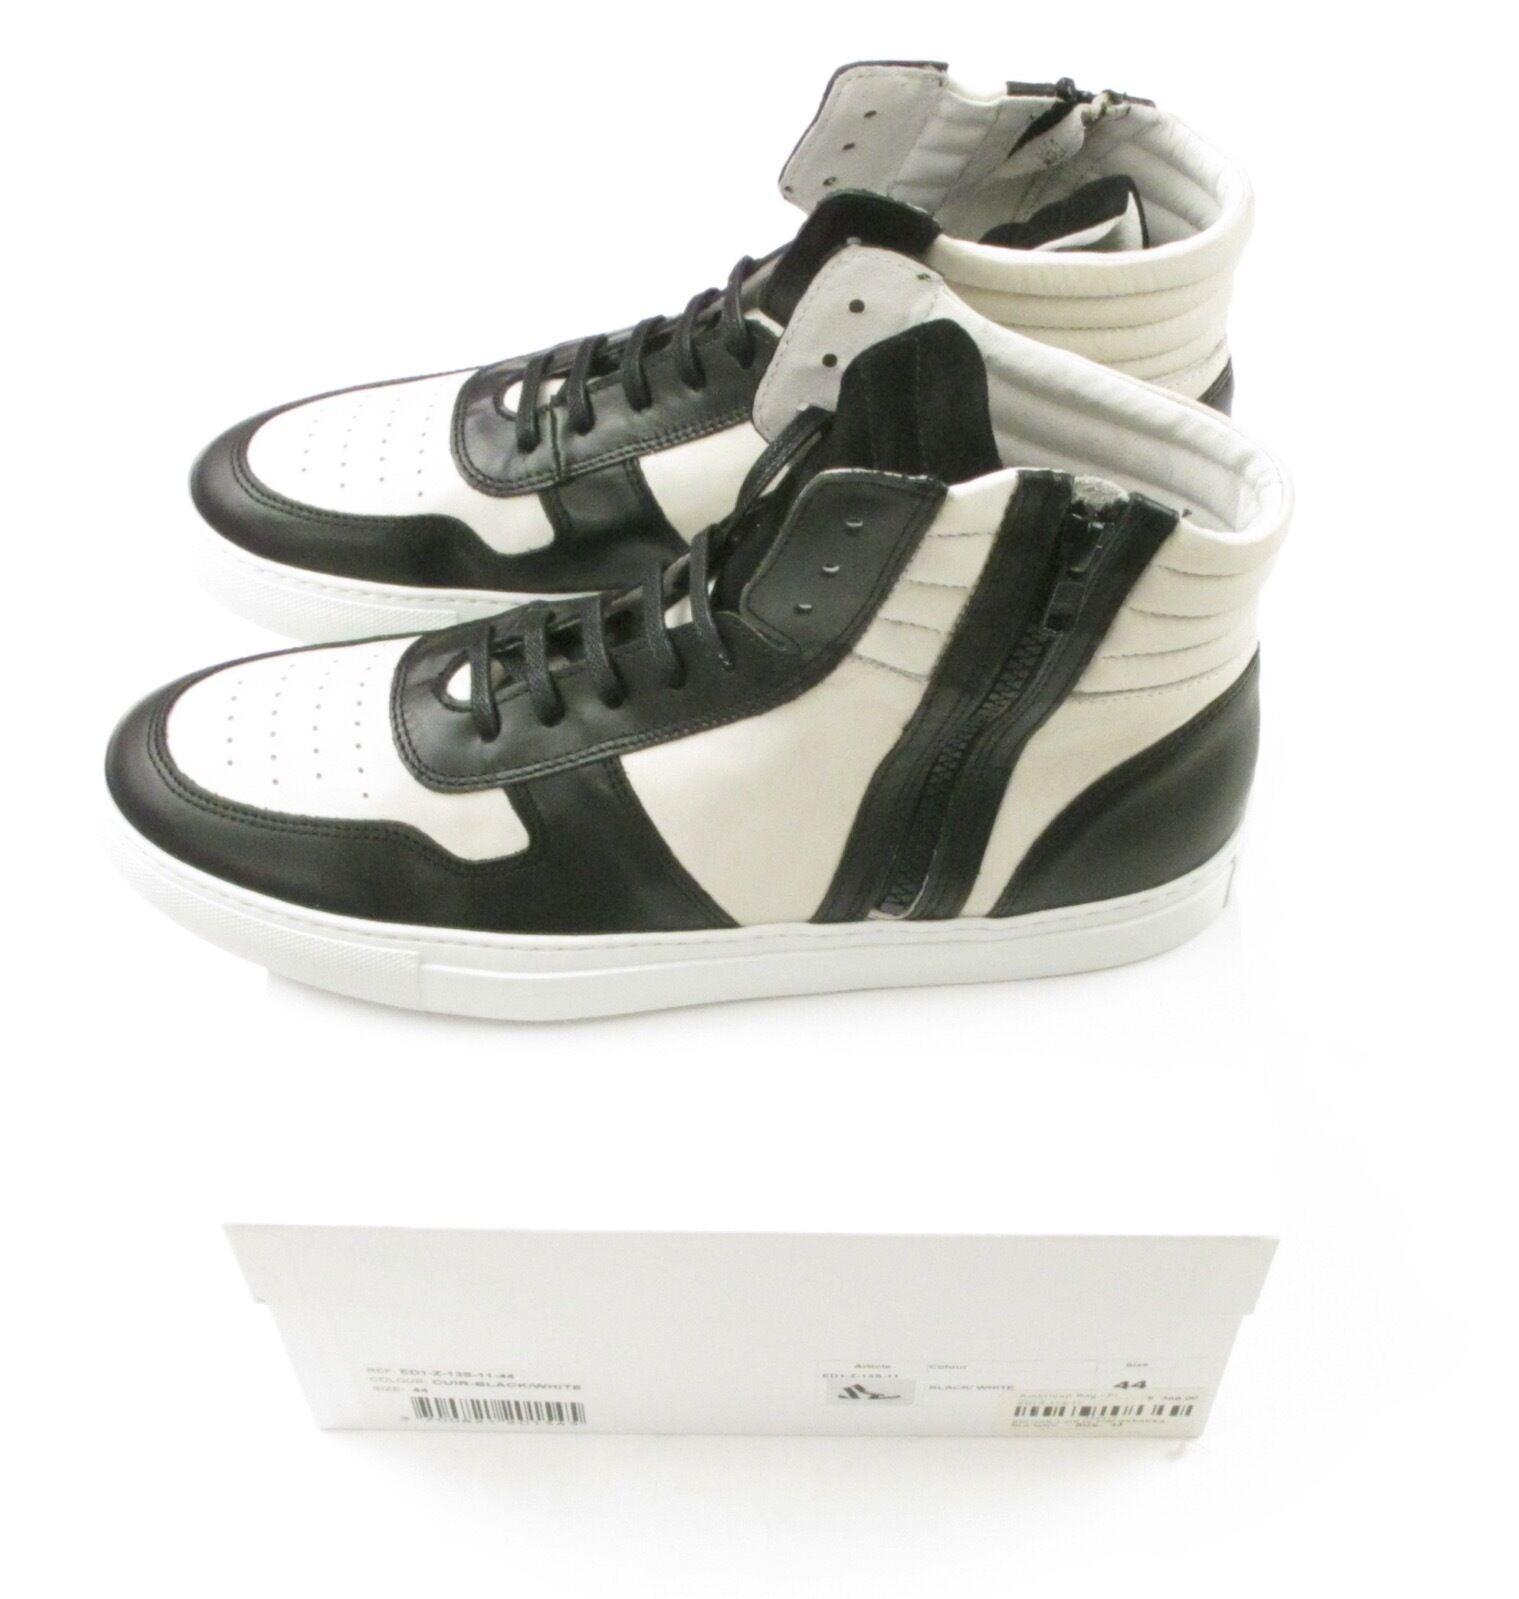 National Standard Edition 1 Zip Hi-Top Sneaker 42 44 Brand New